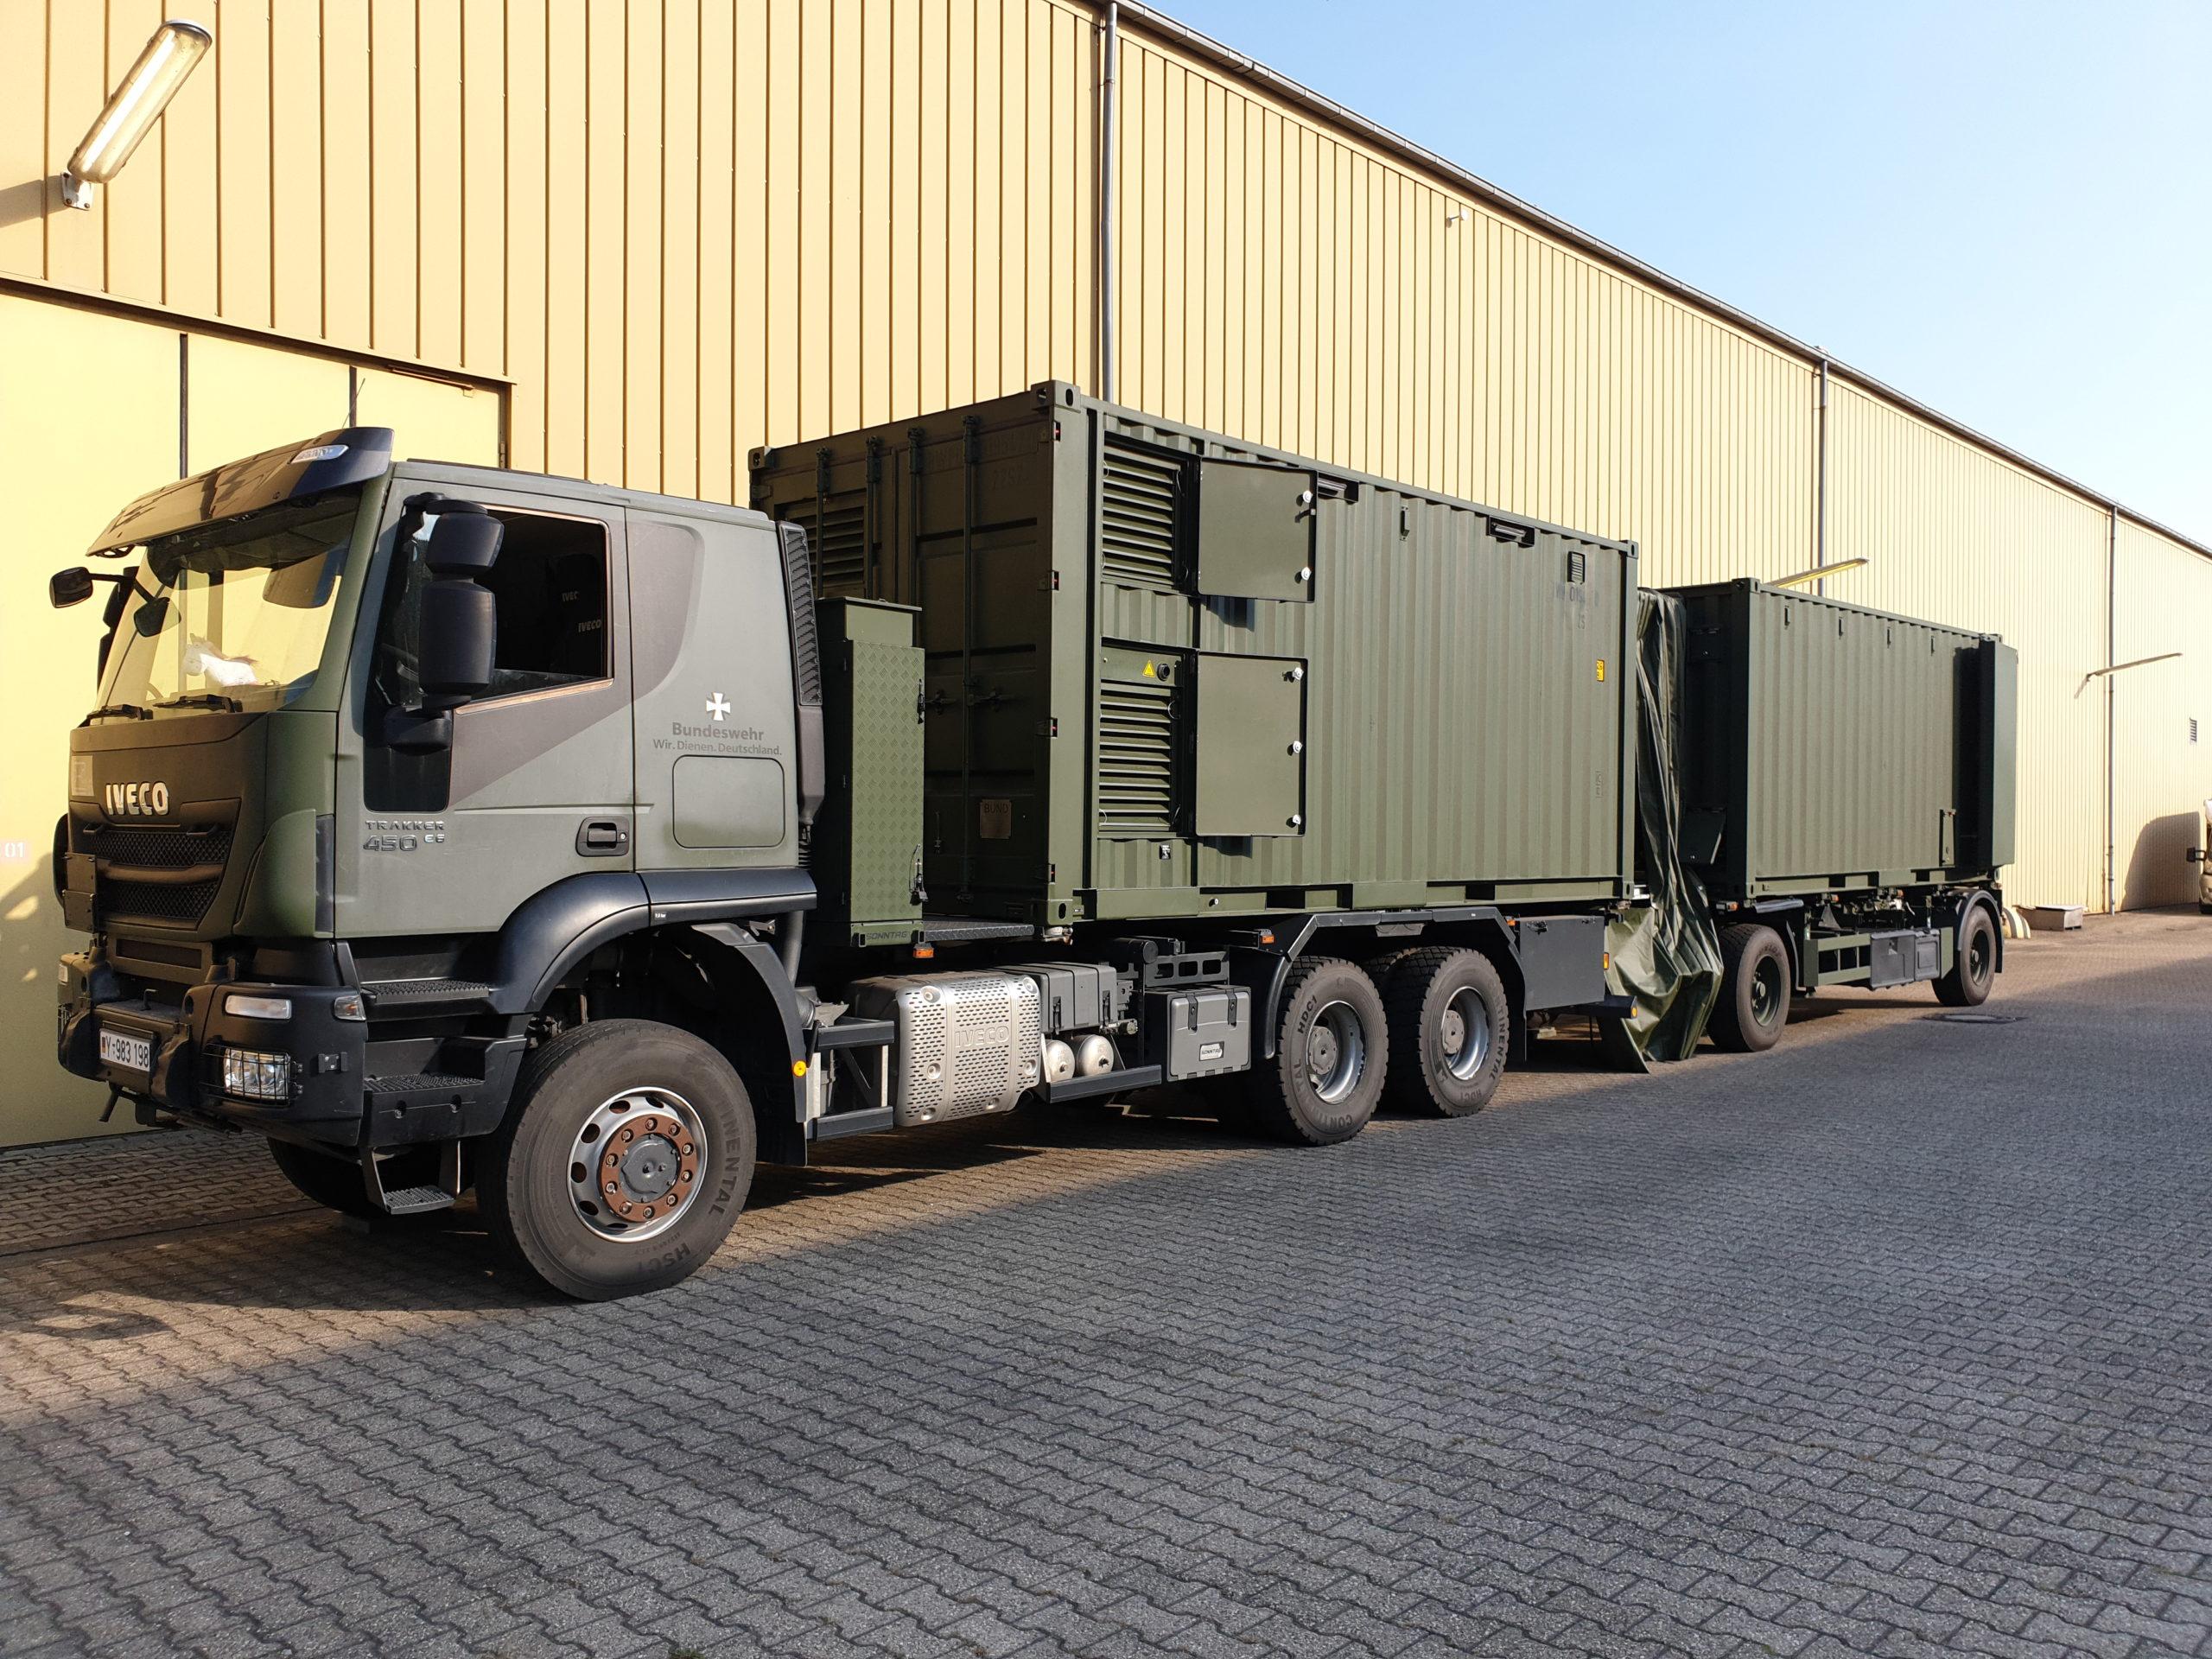 Die Werkzeugsonderausstattung der Panzerhaubitze 2000 in Containern auf Transportfahrzeug verslastet